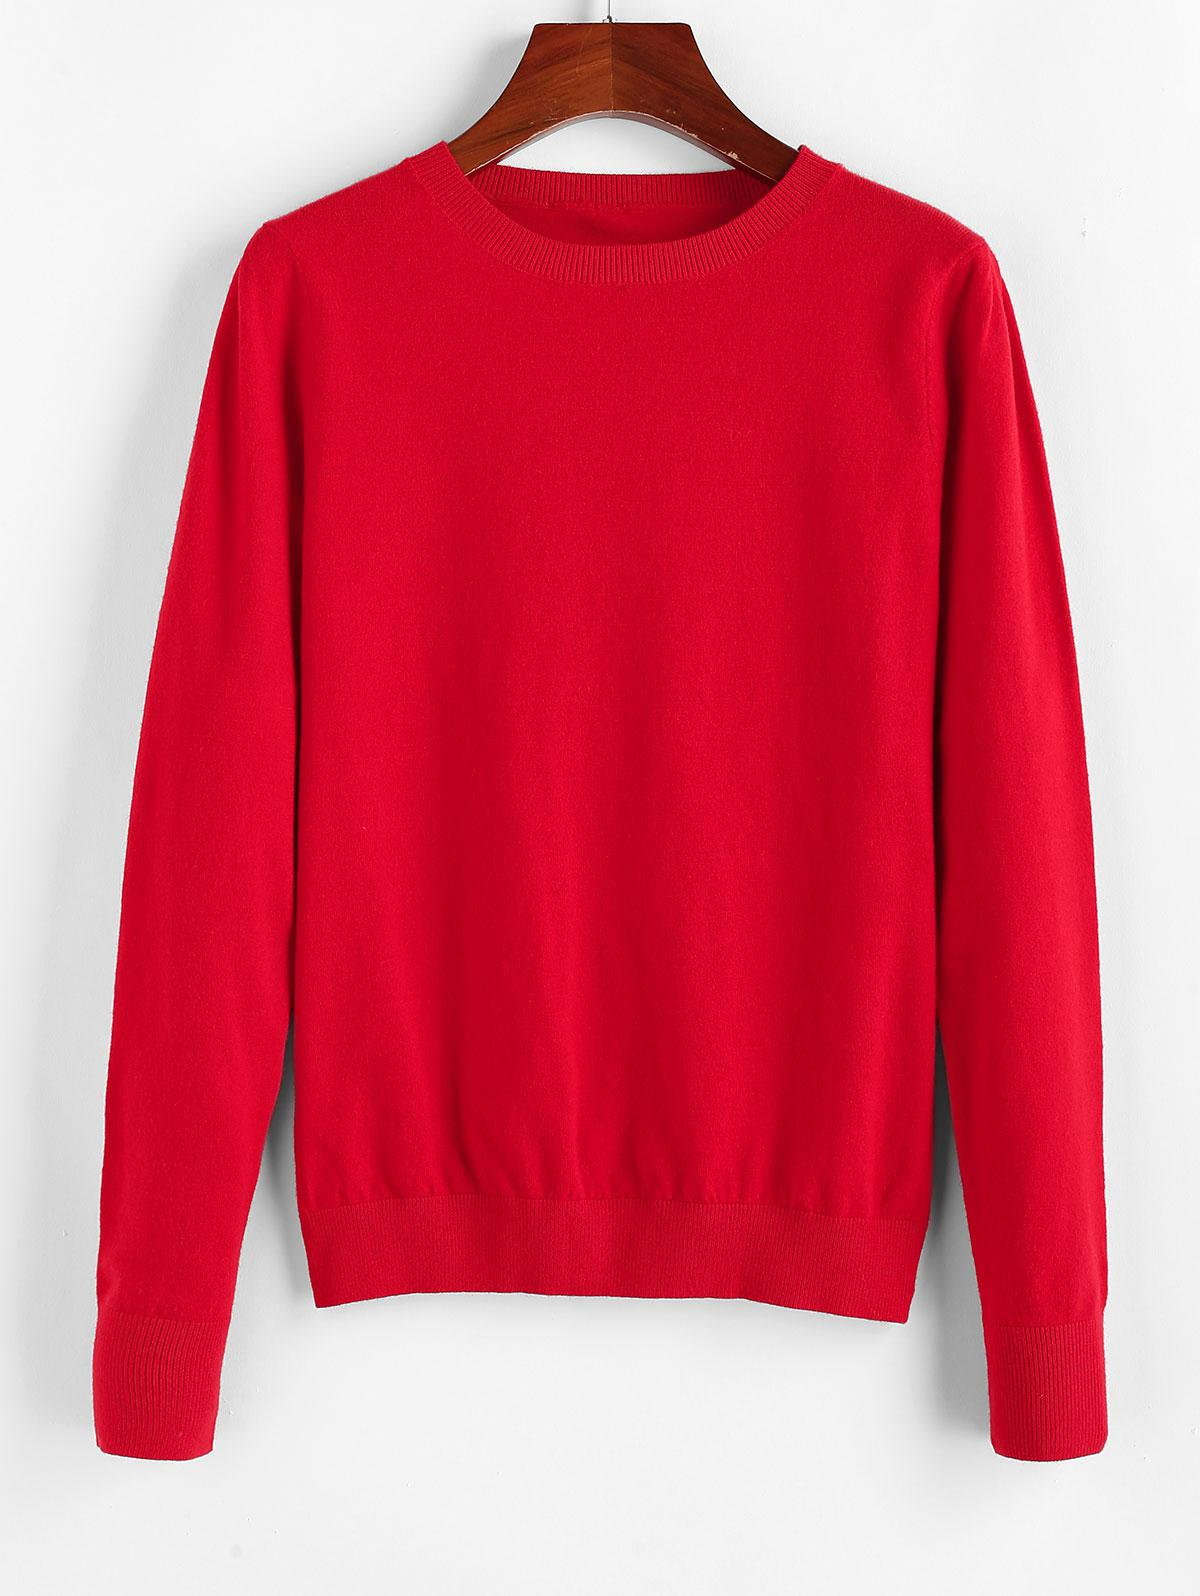 ZAFUL Christmas Crew Neck Plain Knit Sweater